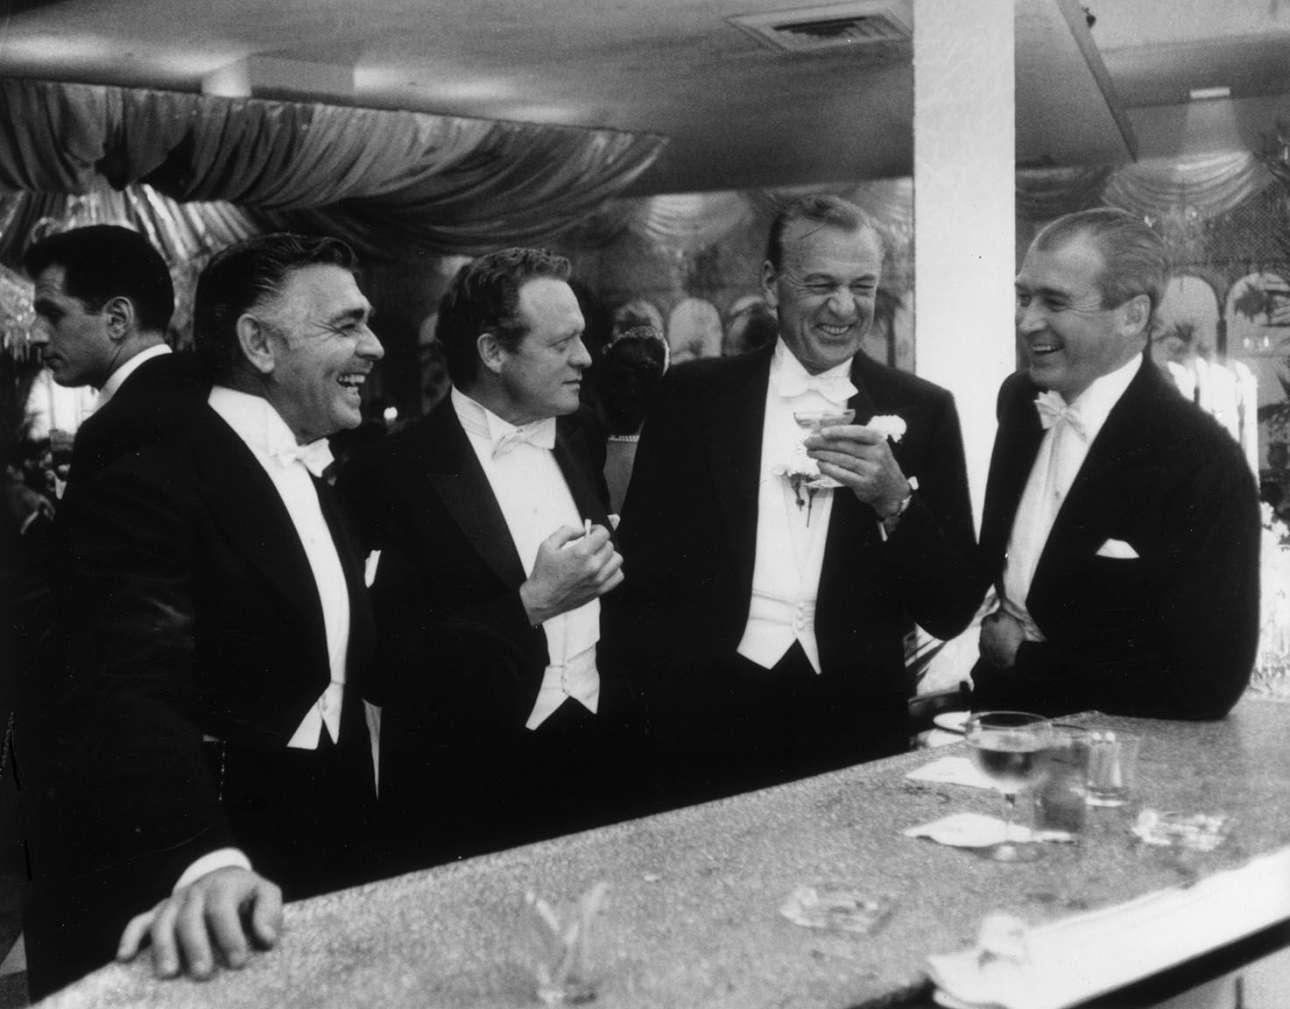 Οι βασιλιάδες του Χόλιγουντ: Κλαρκ Γκέιμπλ, Βαν Χέφλιν, Γκάρι Κούπερ και Τζέιμς Στιούαρτ στο εστιάτοριο Romanoff's στο Μπέβερλι Χιλς, το 1957